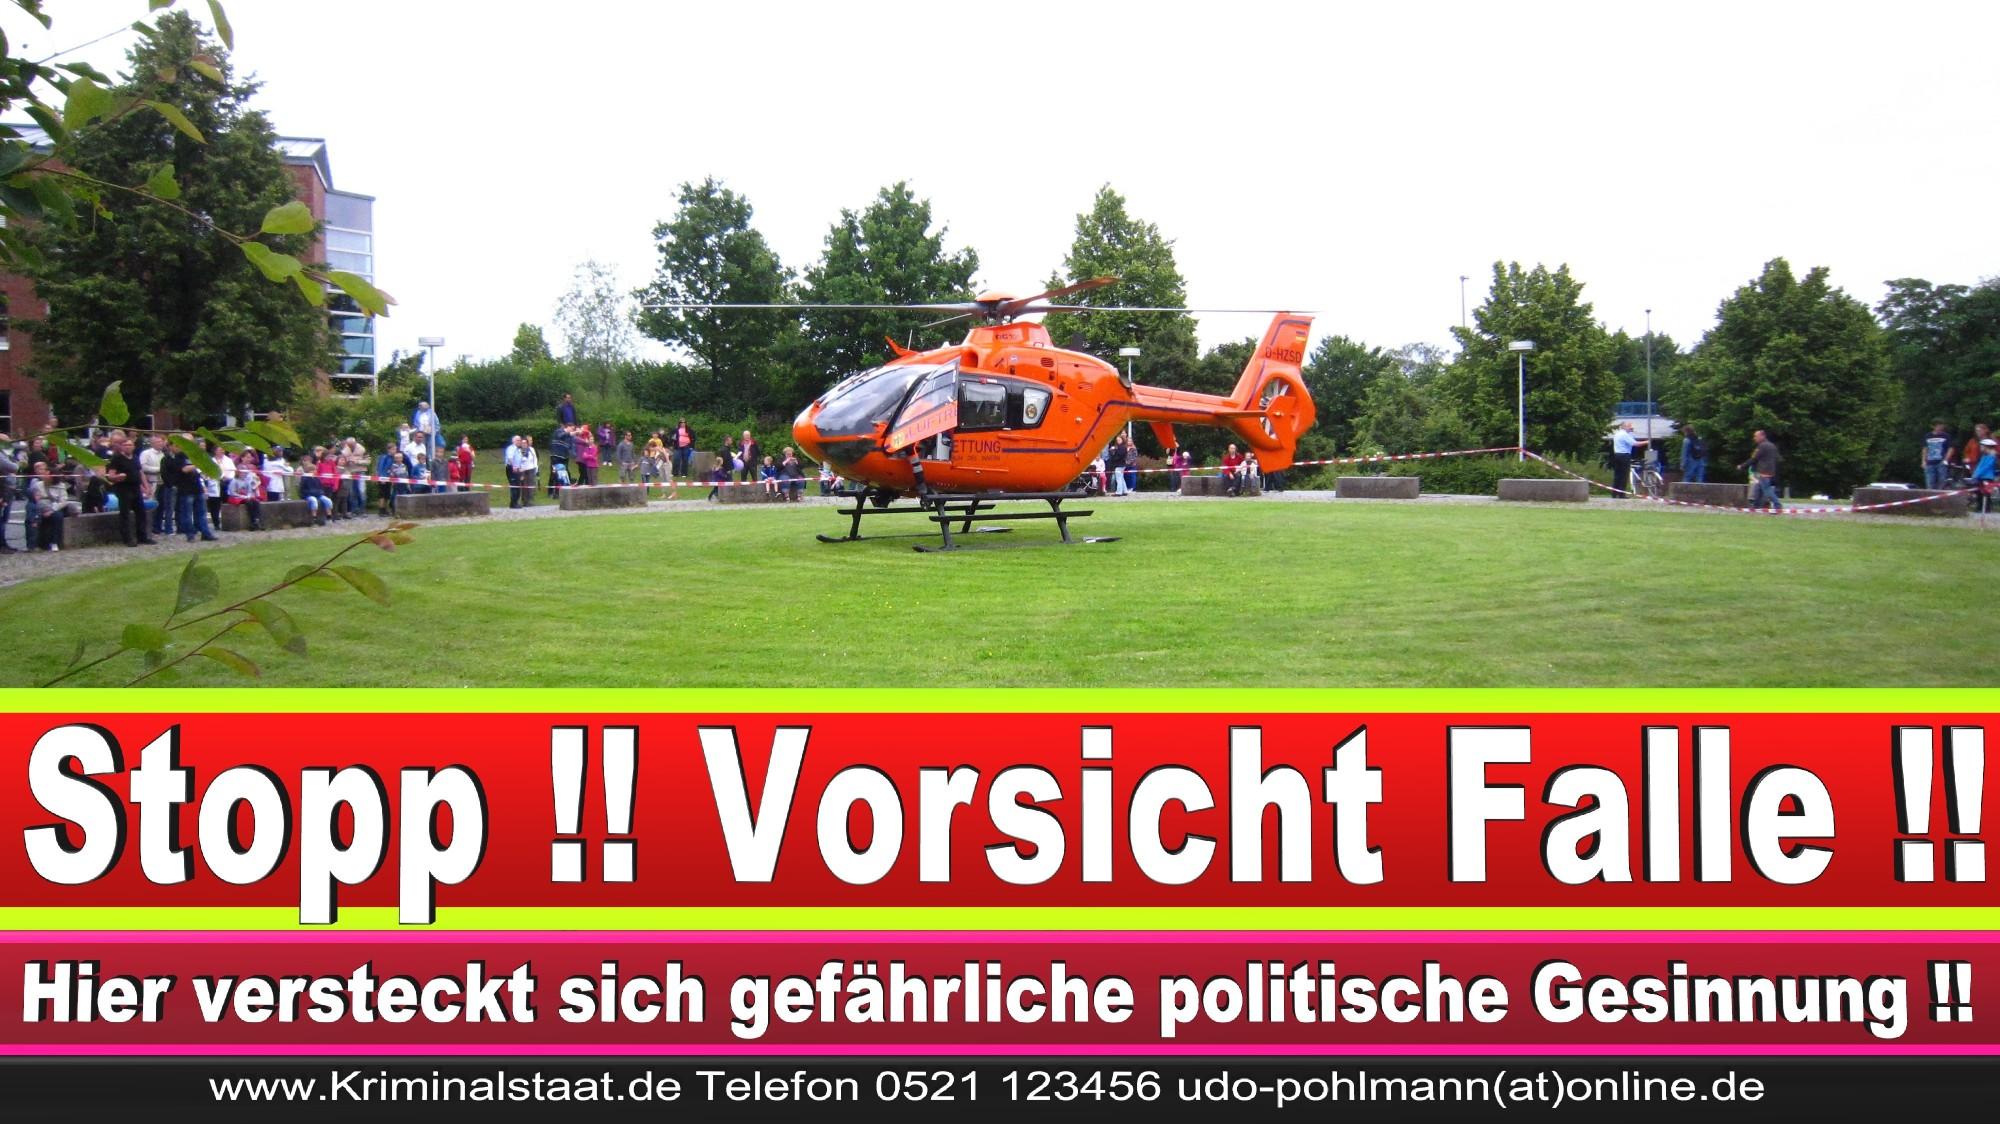 Polizeipräsidentin Katharina Giere Polizei Bielefeld NRW Erwin Südfeld Horst Kruse Polizeiuniform Polizeigewalt DEMONSTRATION Bahnhof (22) 1